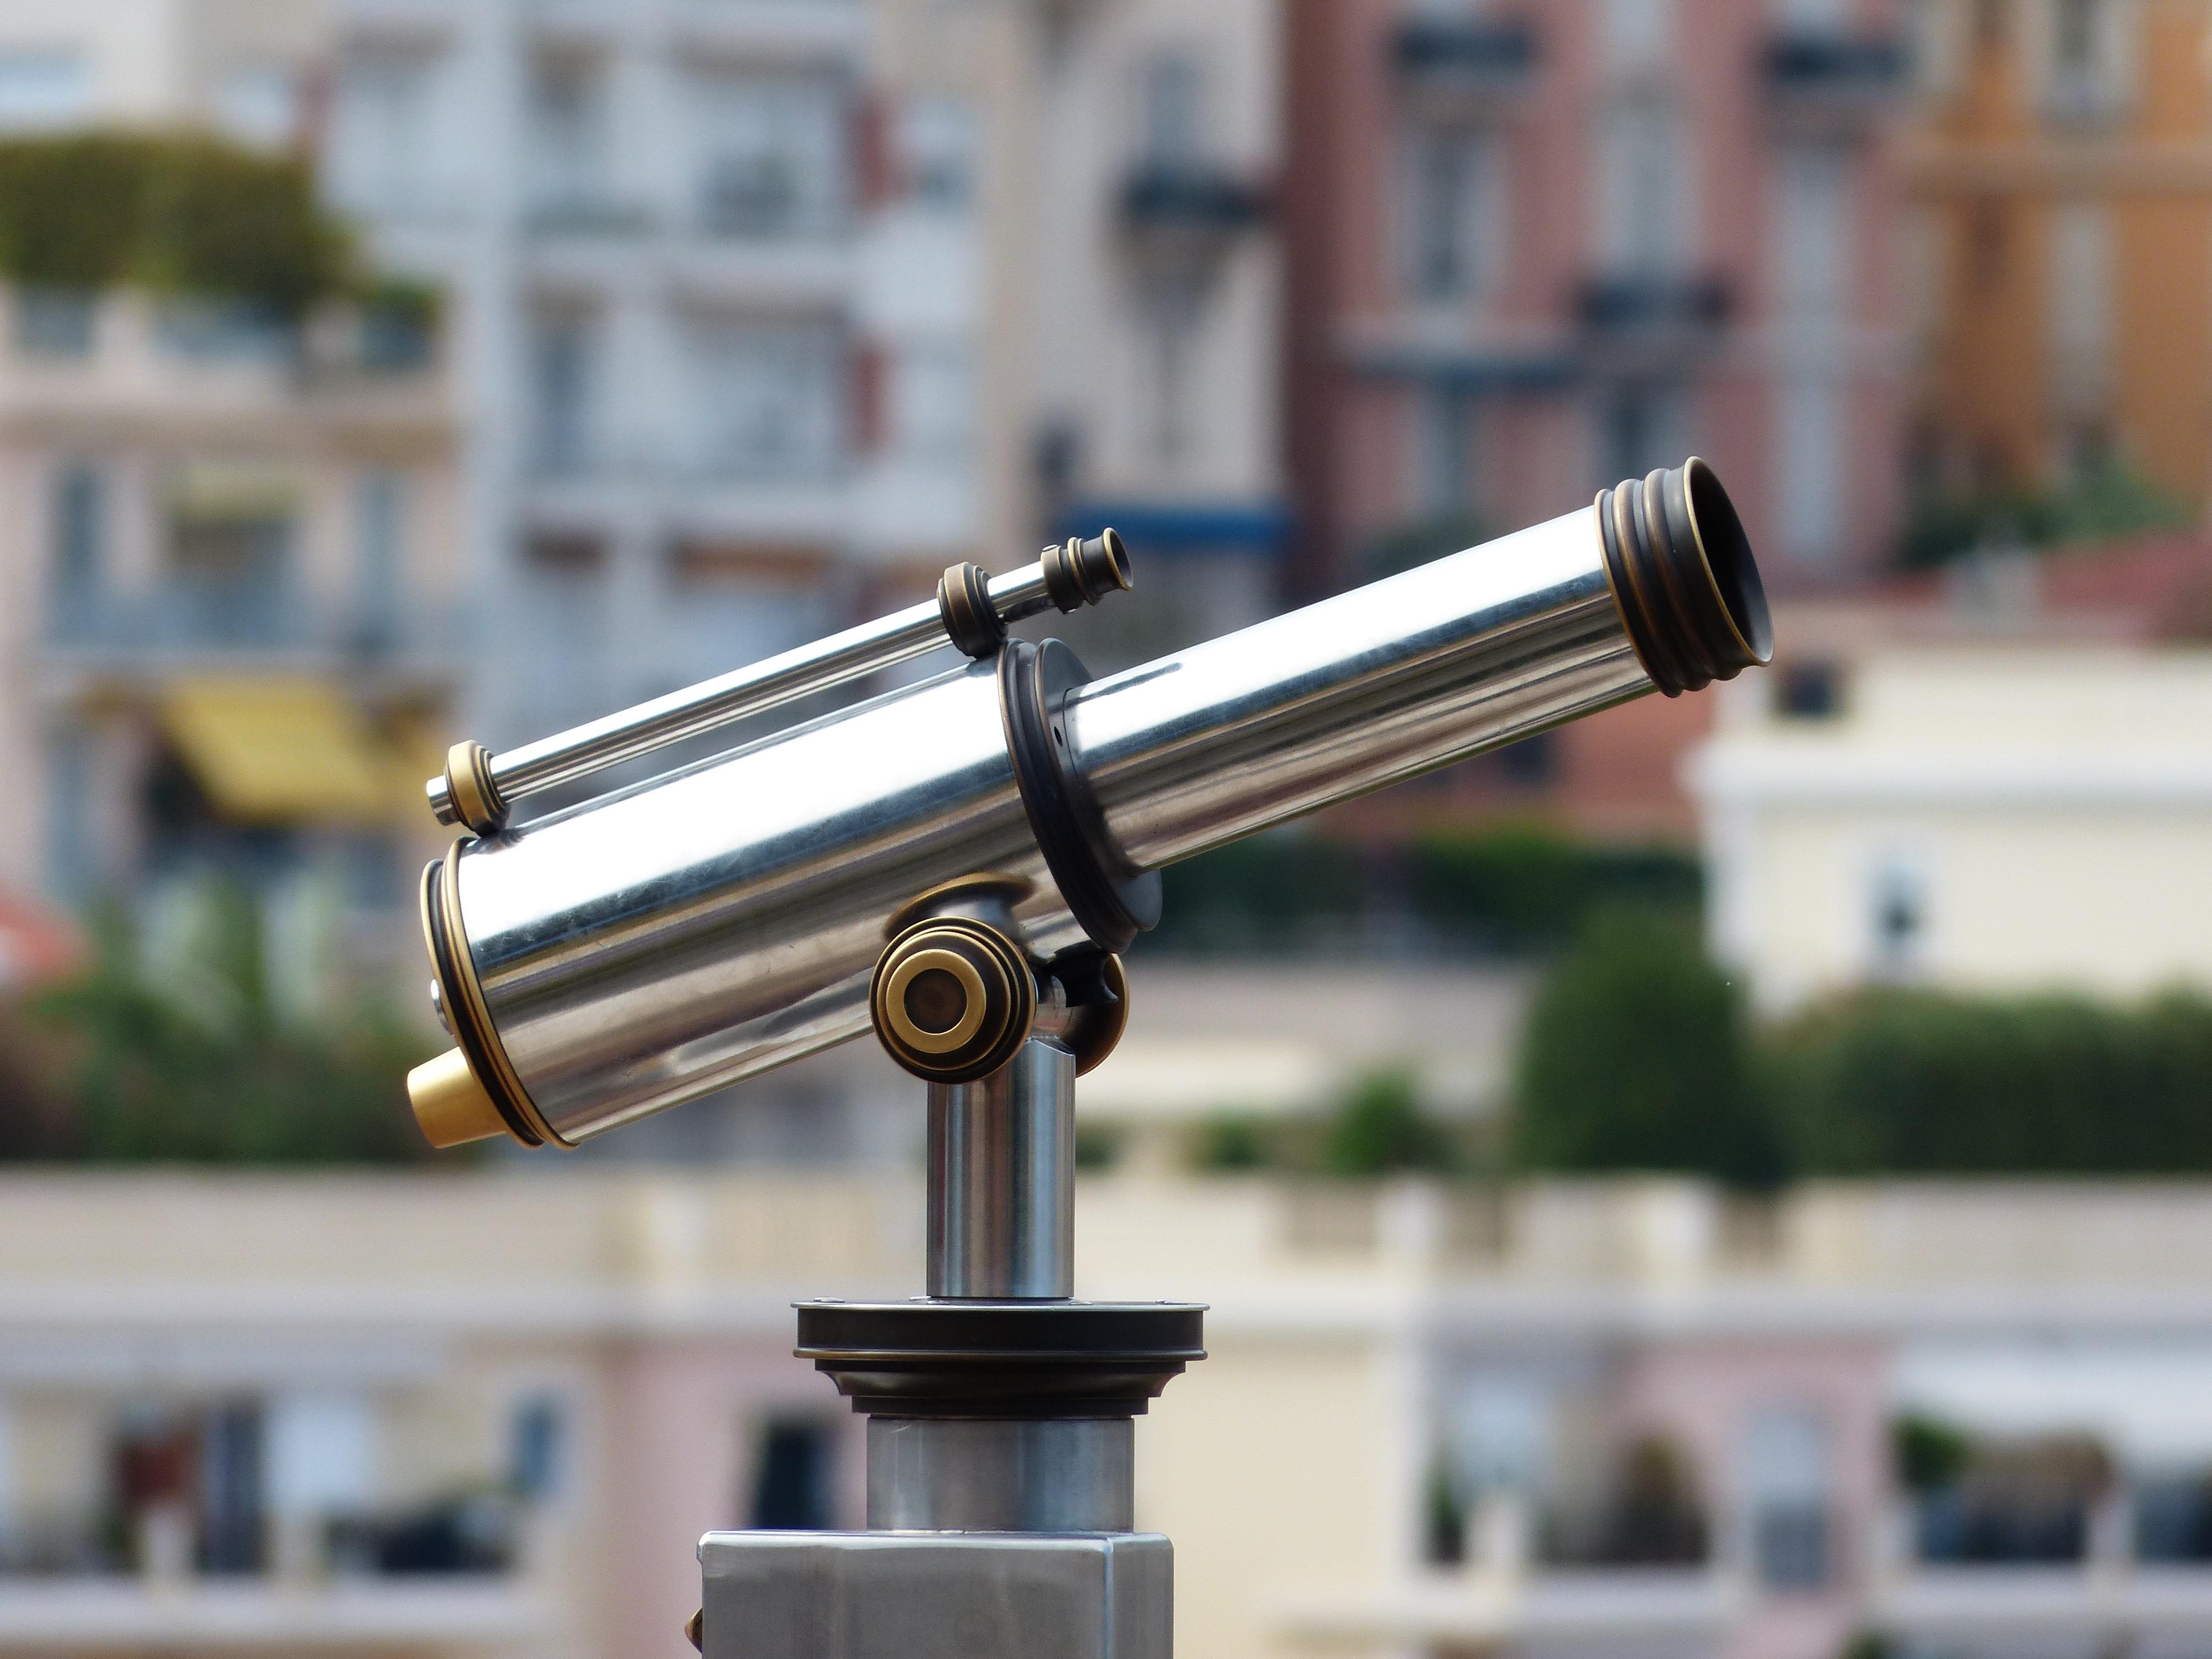 Fotoğraf görünüm teleskop mesafe aydınlatma optik vizyon